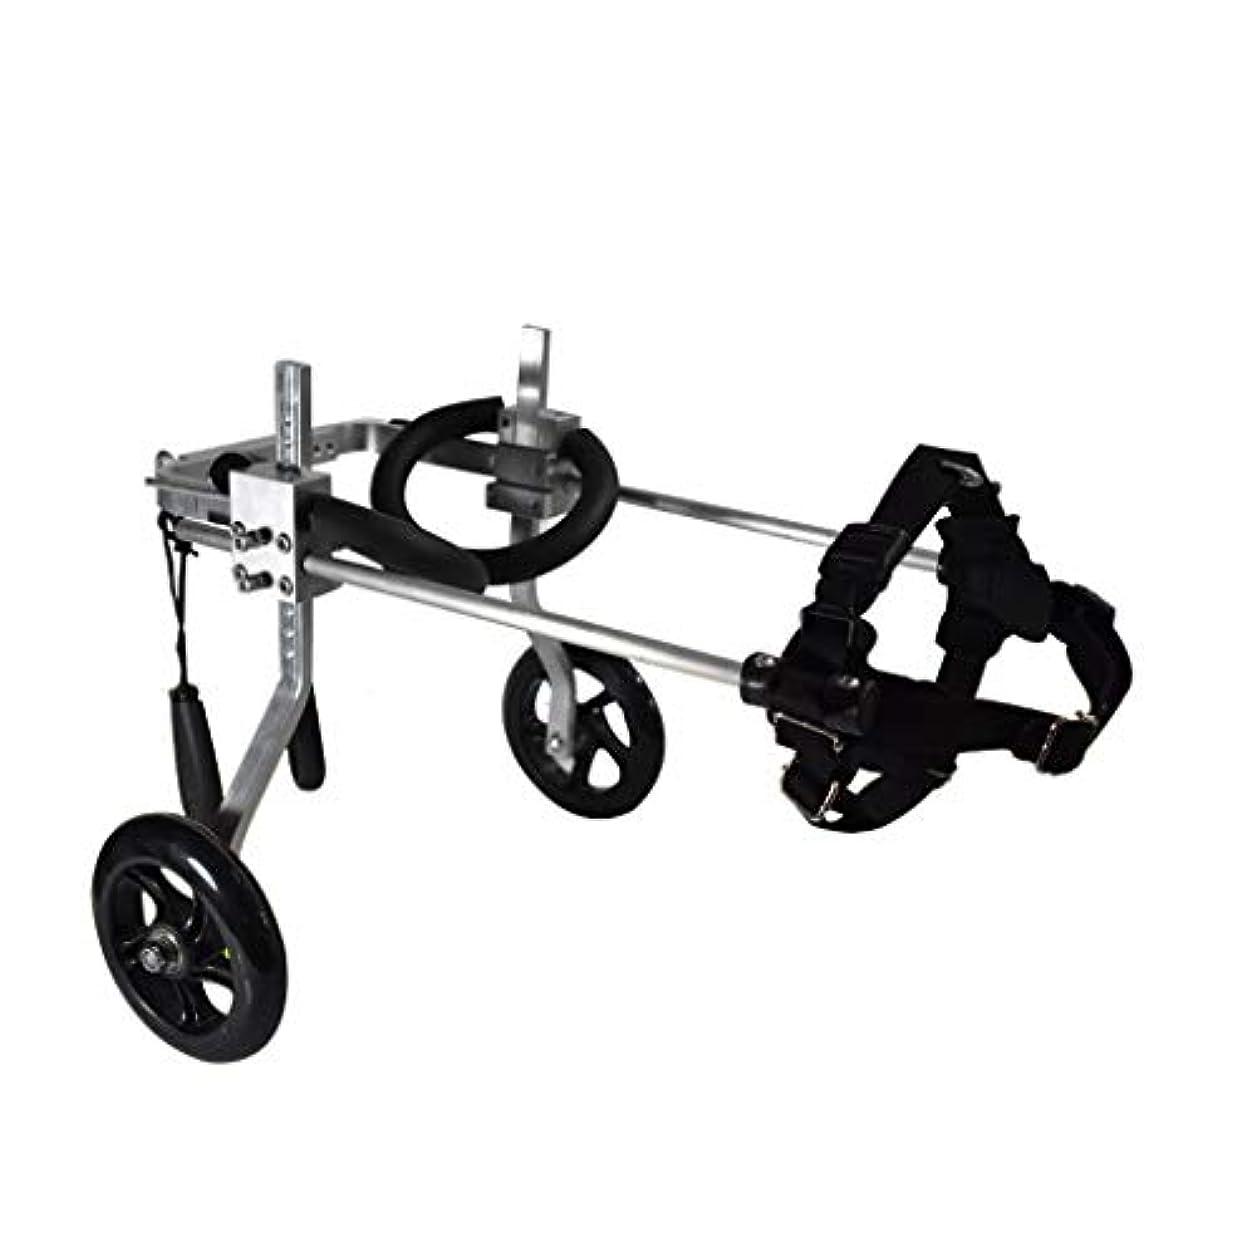 交じる開梱落胆するDNSJB 調節可能な犬車椅子用犬の後ろ足のリハビリテーション、身体障害者用犬のスクーター犬のカート犬の移動性ハーネス